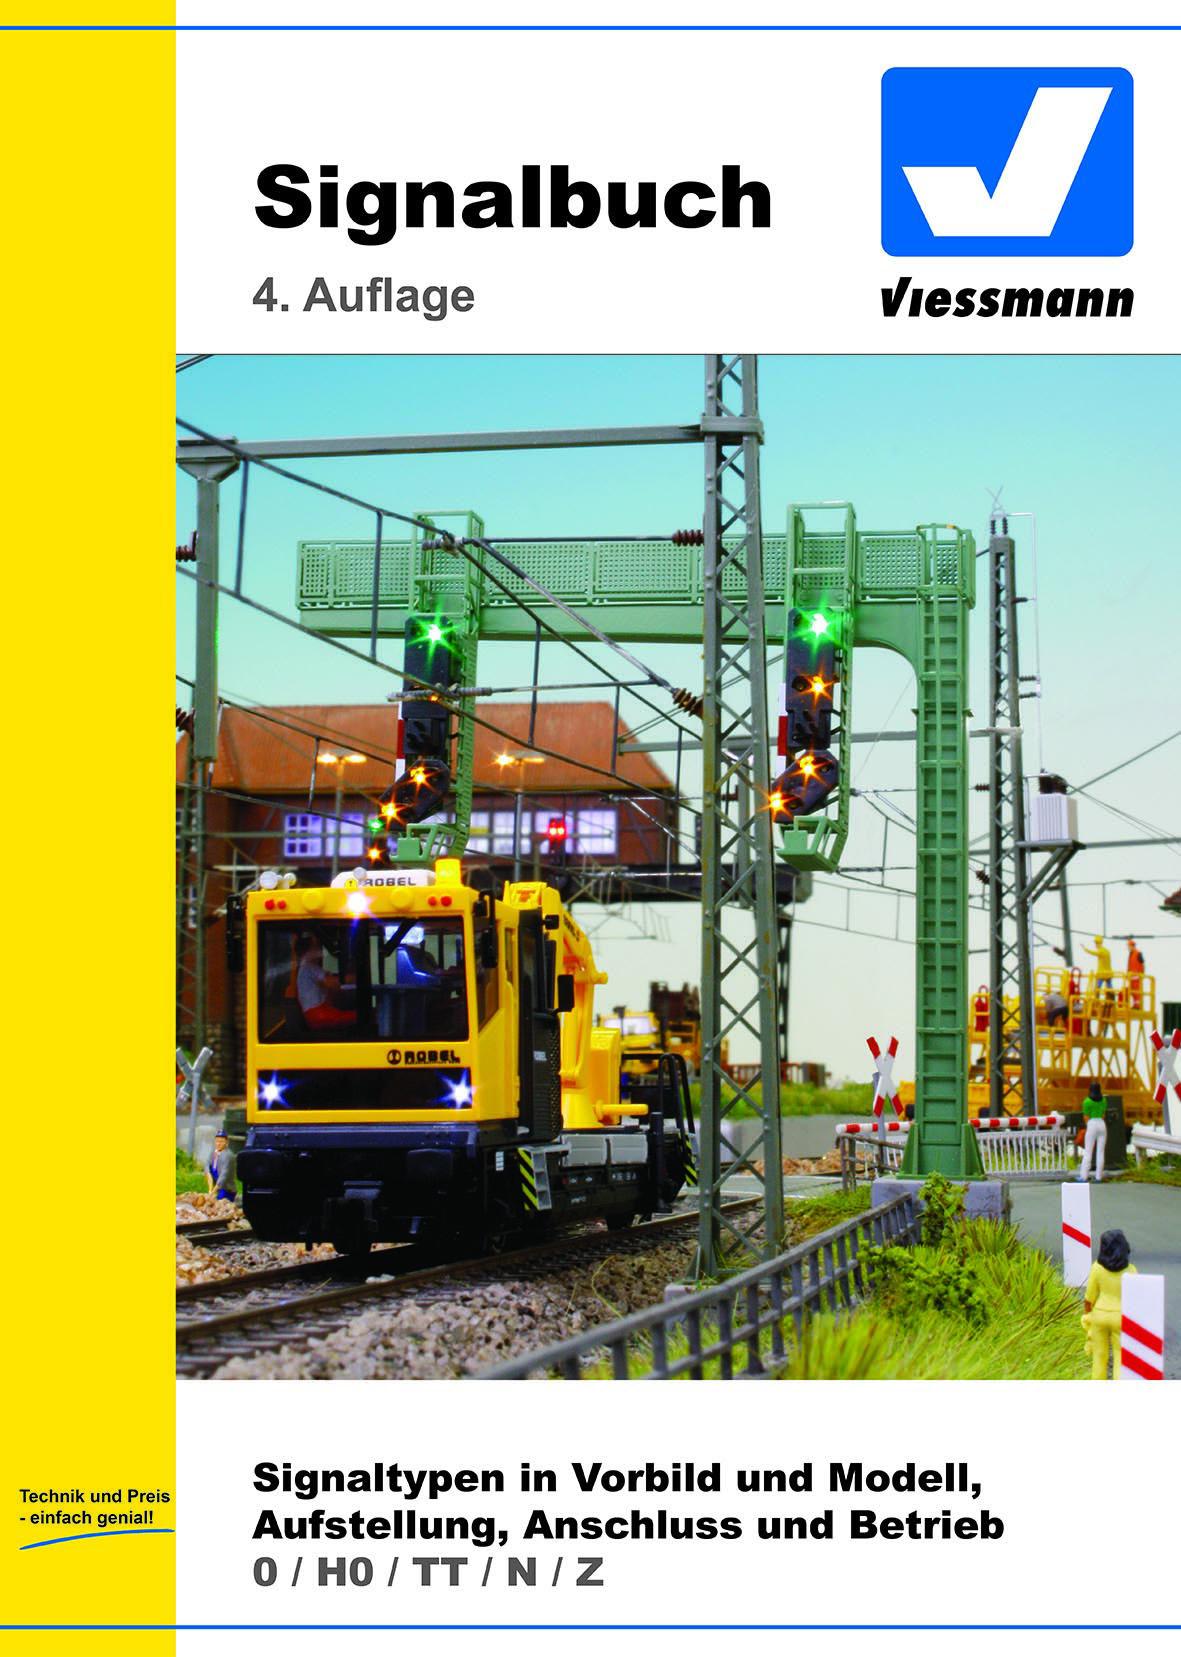 Viessmann 5299 Signalbuch in Vorbild und Modell H0 TT N Z